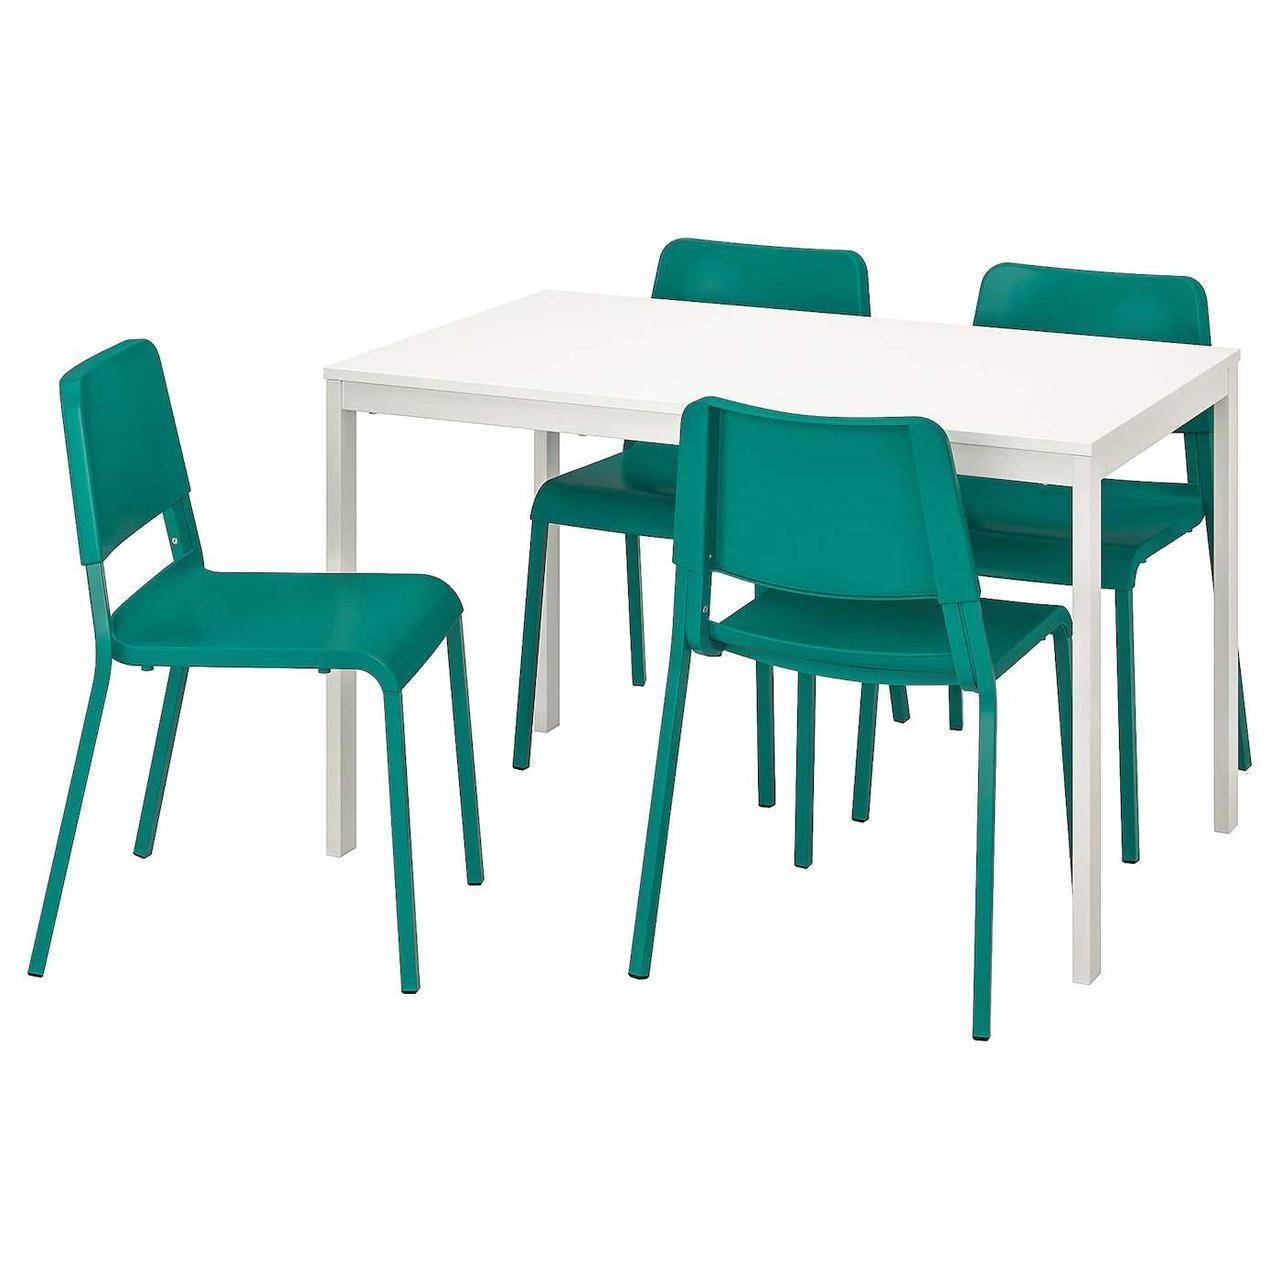 Стол и 4 стула VANGSTA / TEODORES